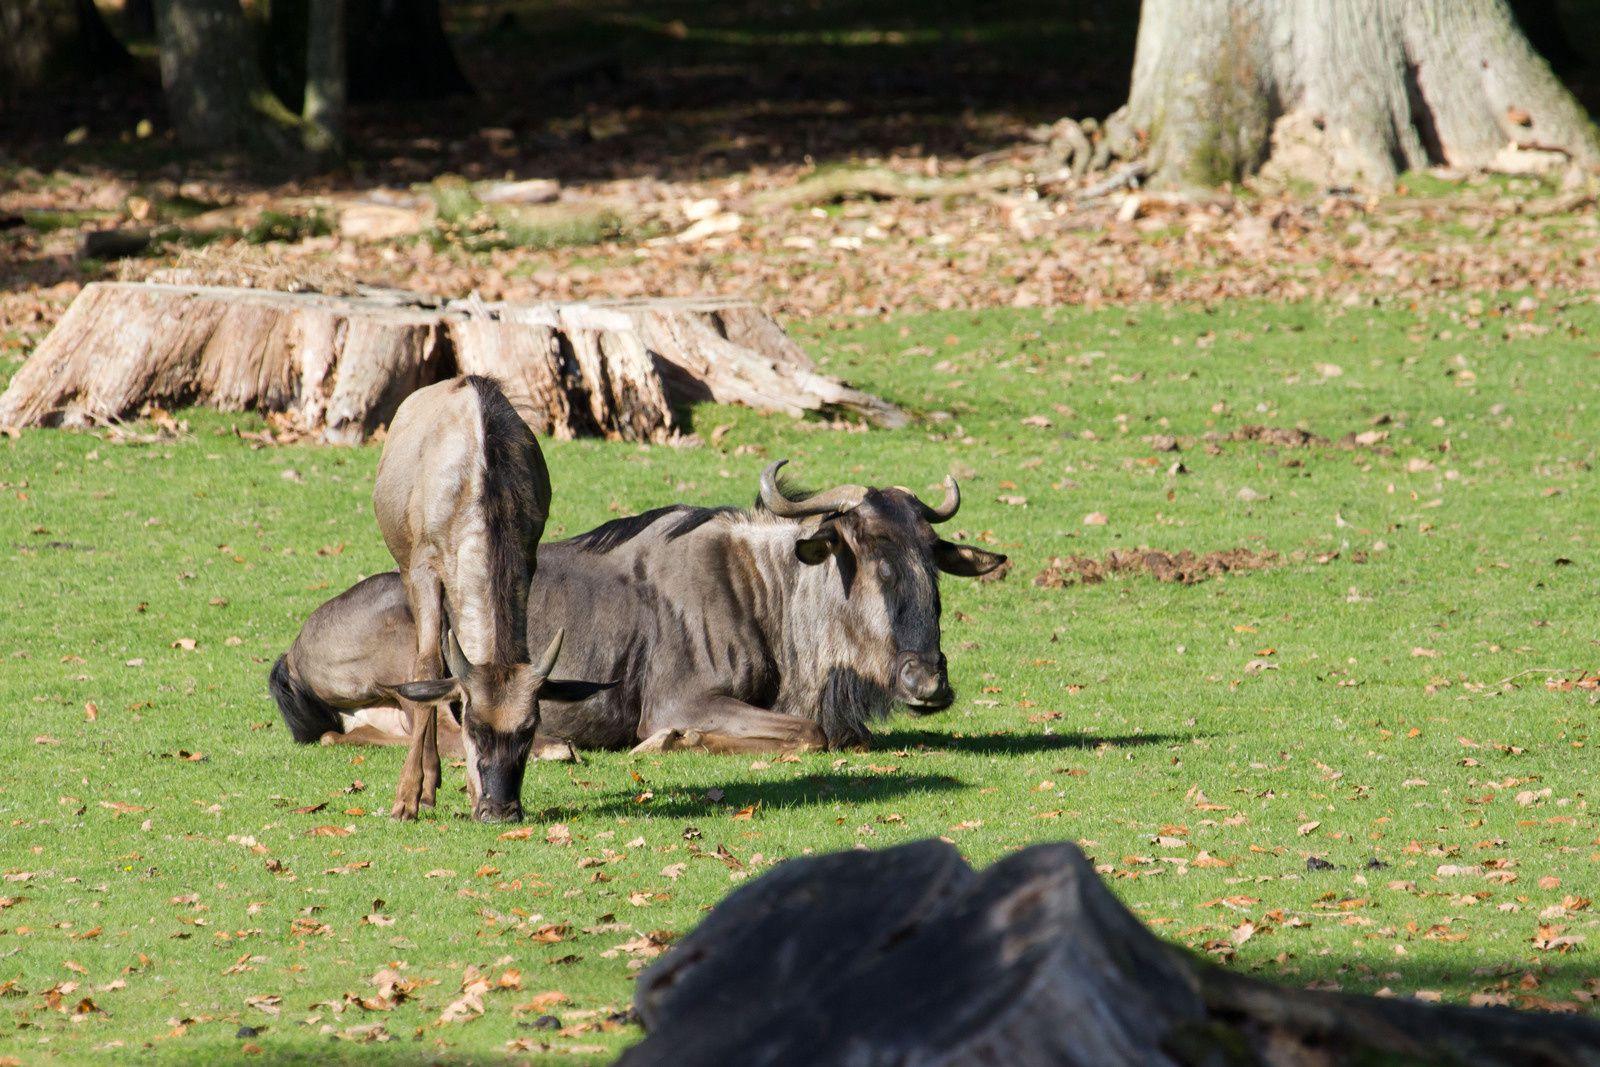 Animaux de la savane:  hippotrague noir, éland du cap, autruche, springbok, gnous bleus, ...